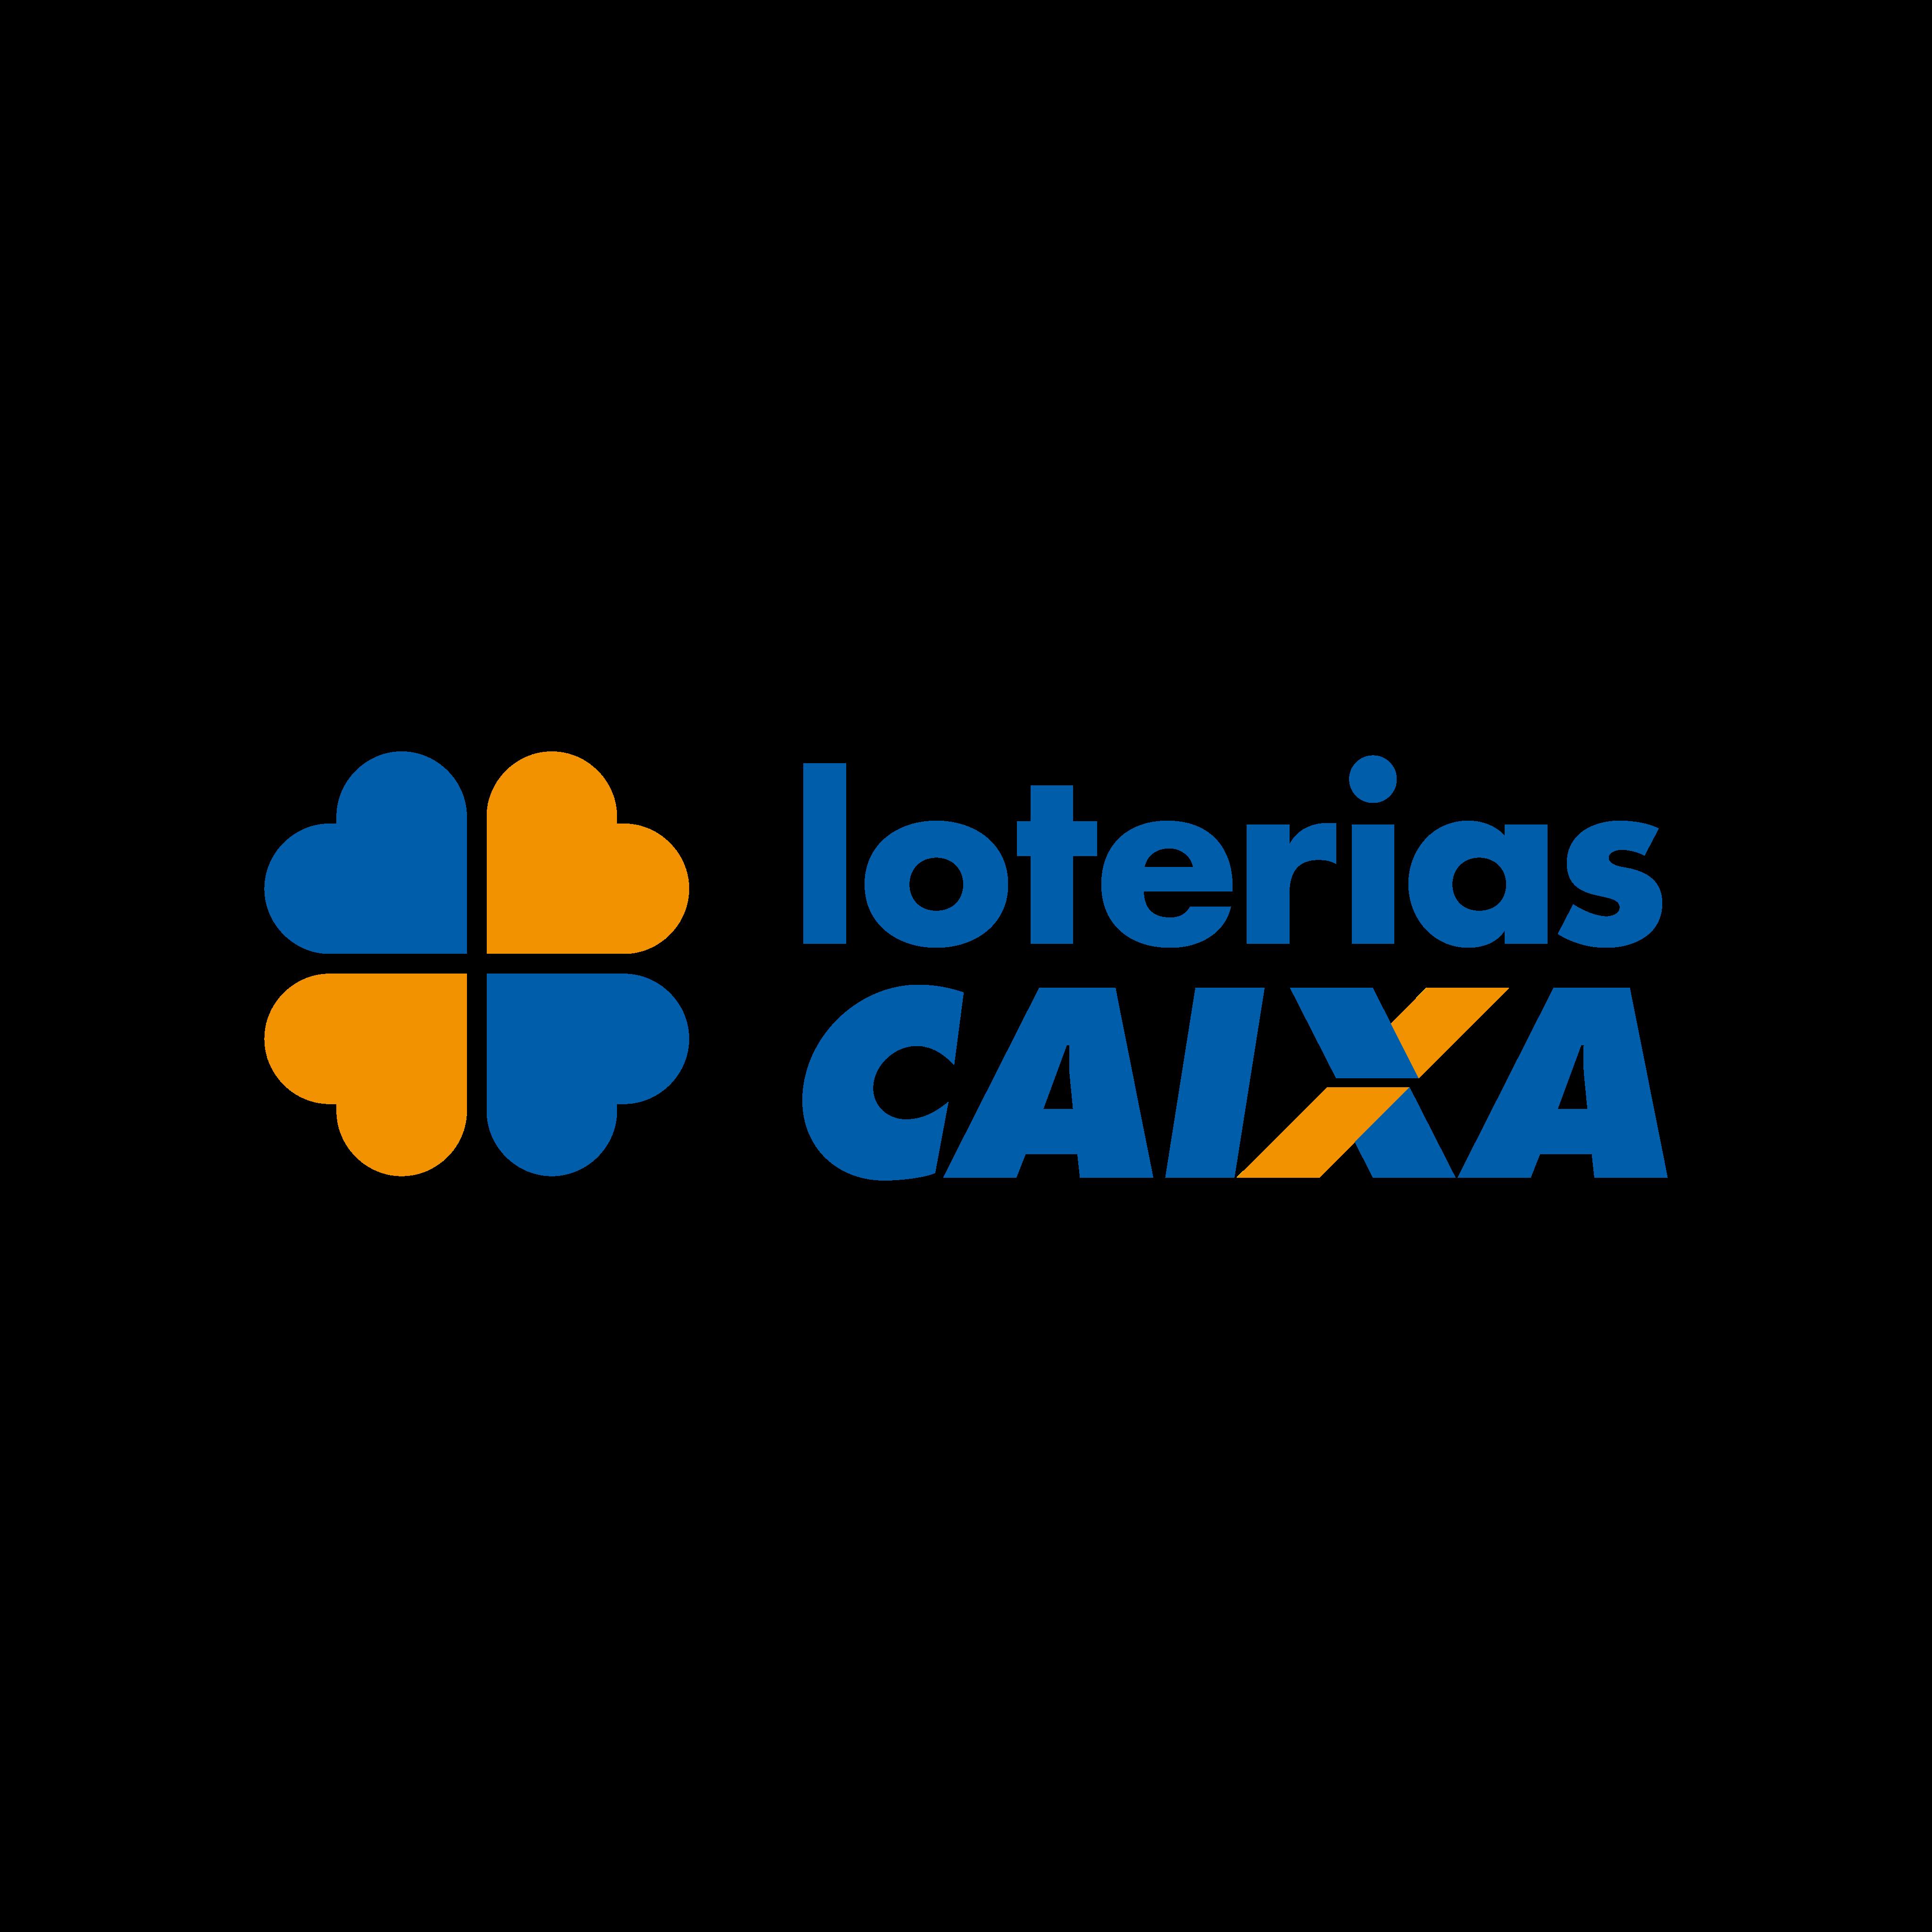 loterias caixa logo 0 - Loterias Caixa Logo